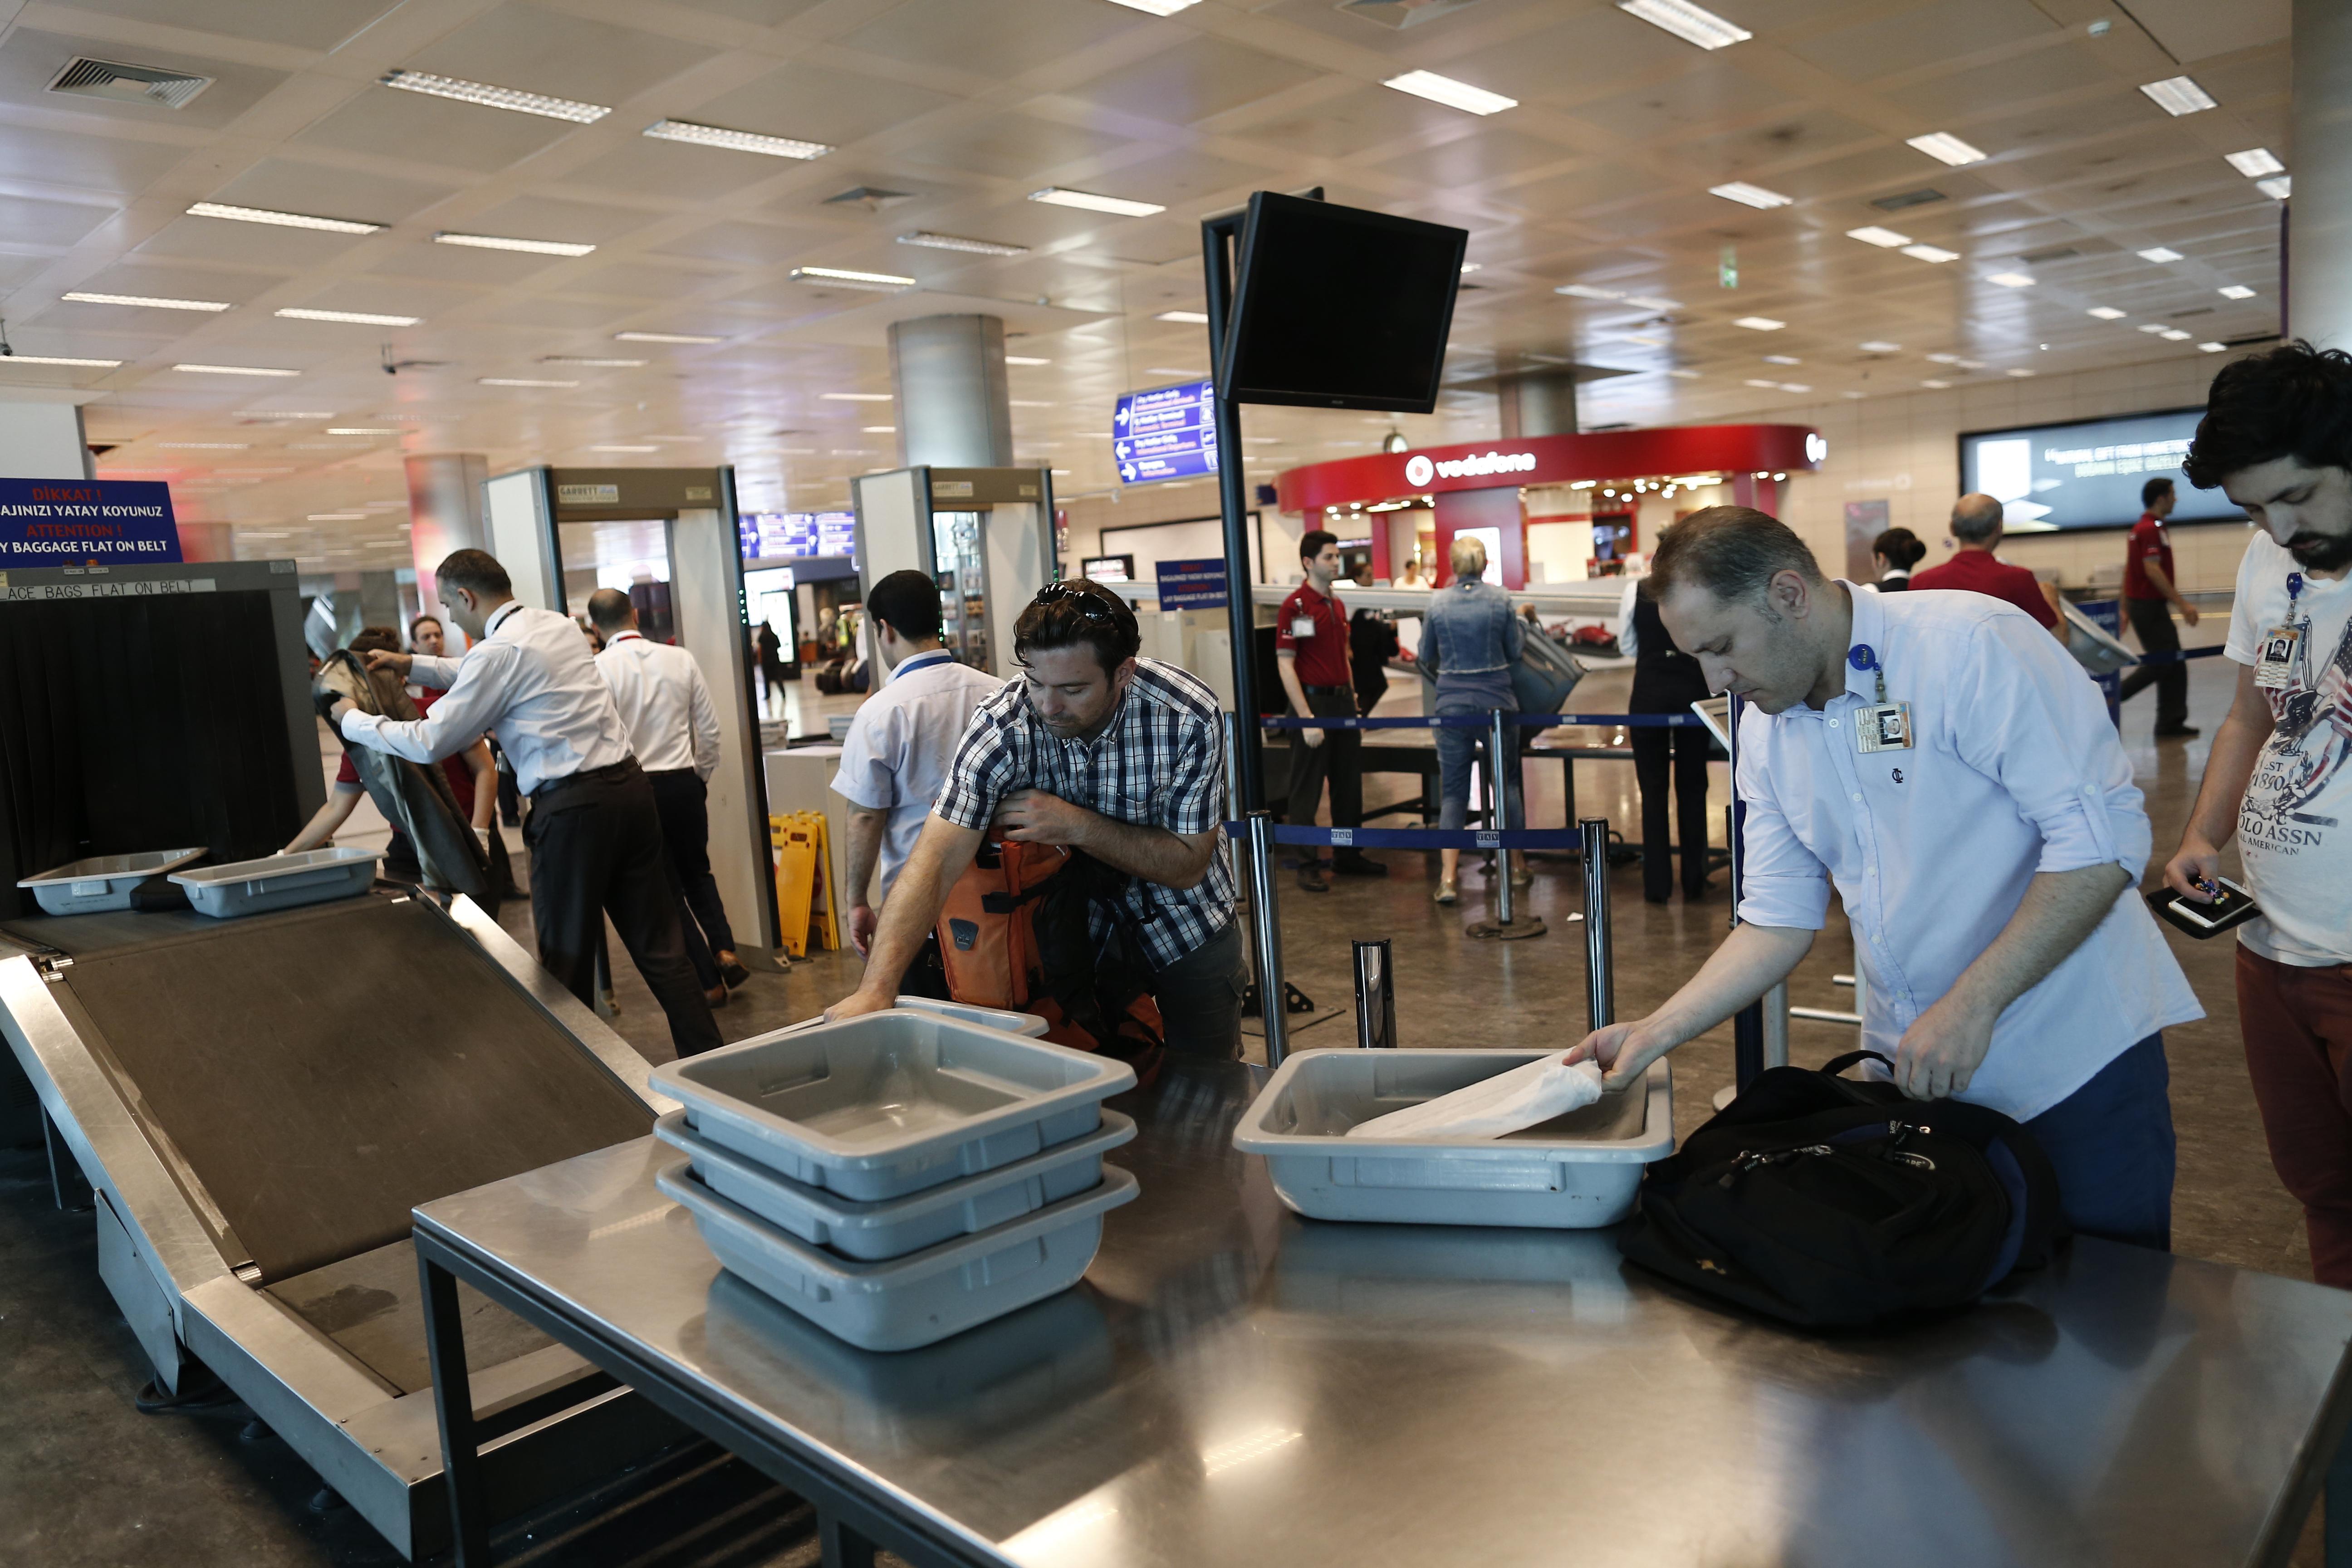 Calon penumpang harus melewati berbagai pengecekan setelah terjadi 3 kali ledakan bom bunuh diri di Bandara Ataturk, Istanbul, Turki, pada 28 Juni 2016. Foto oleh Sedat Suna/EPA